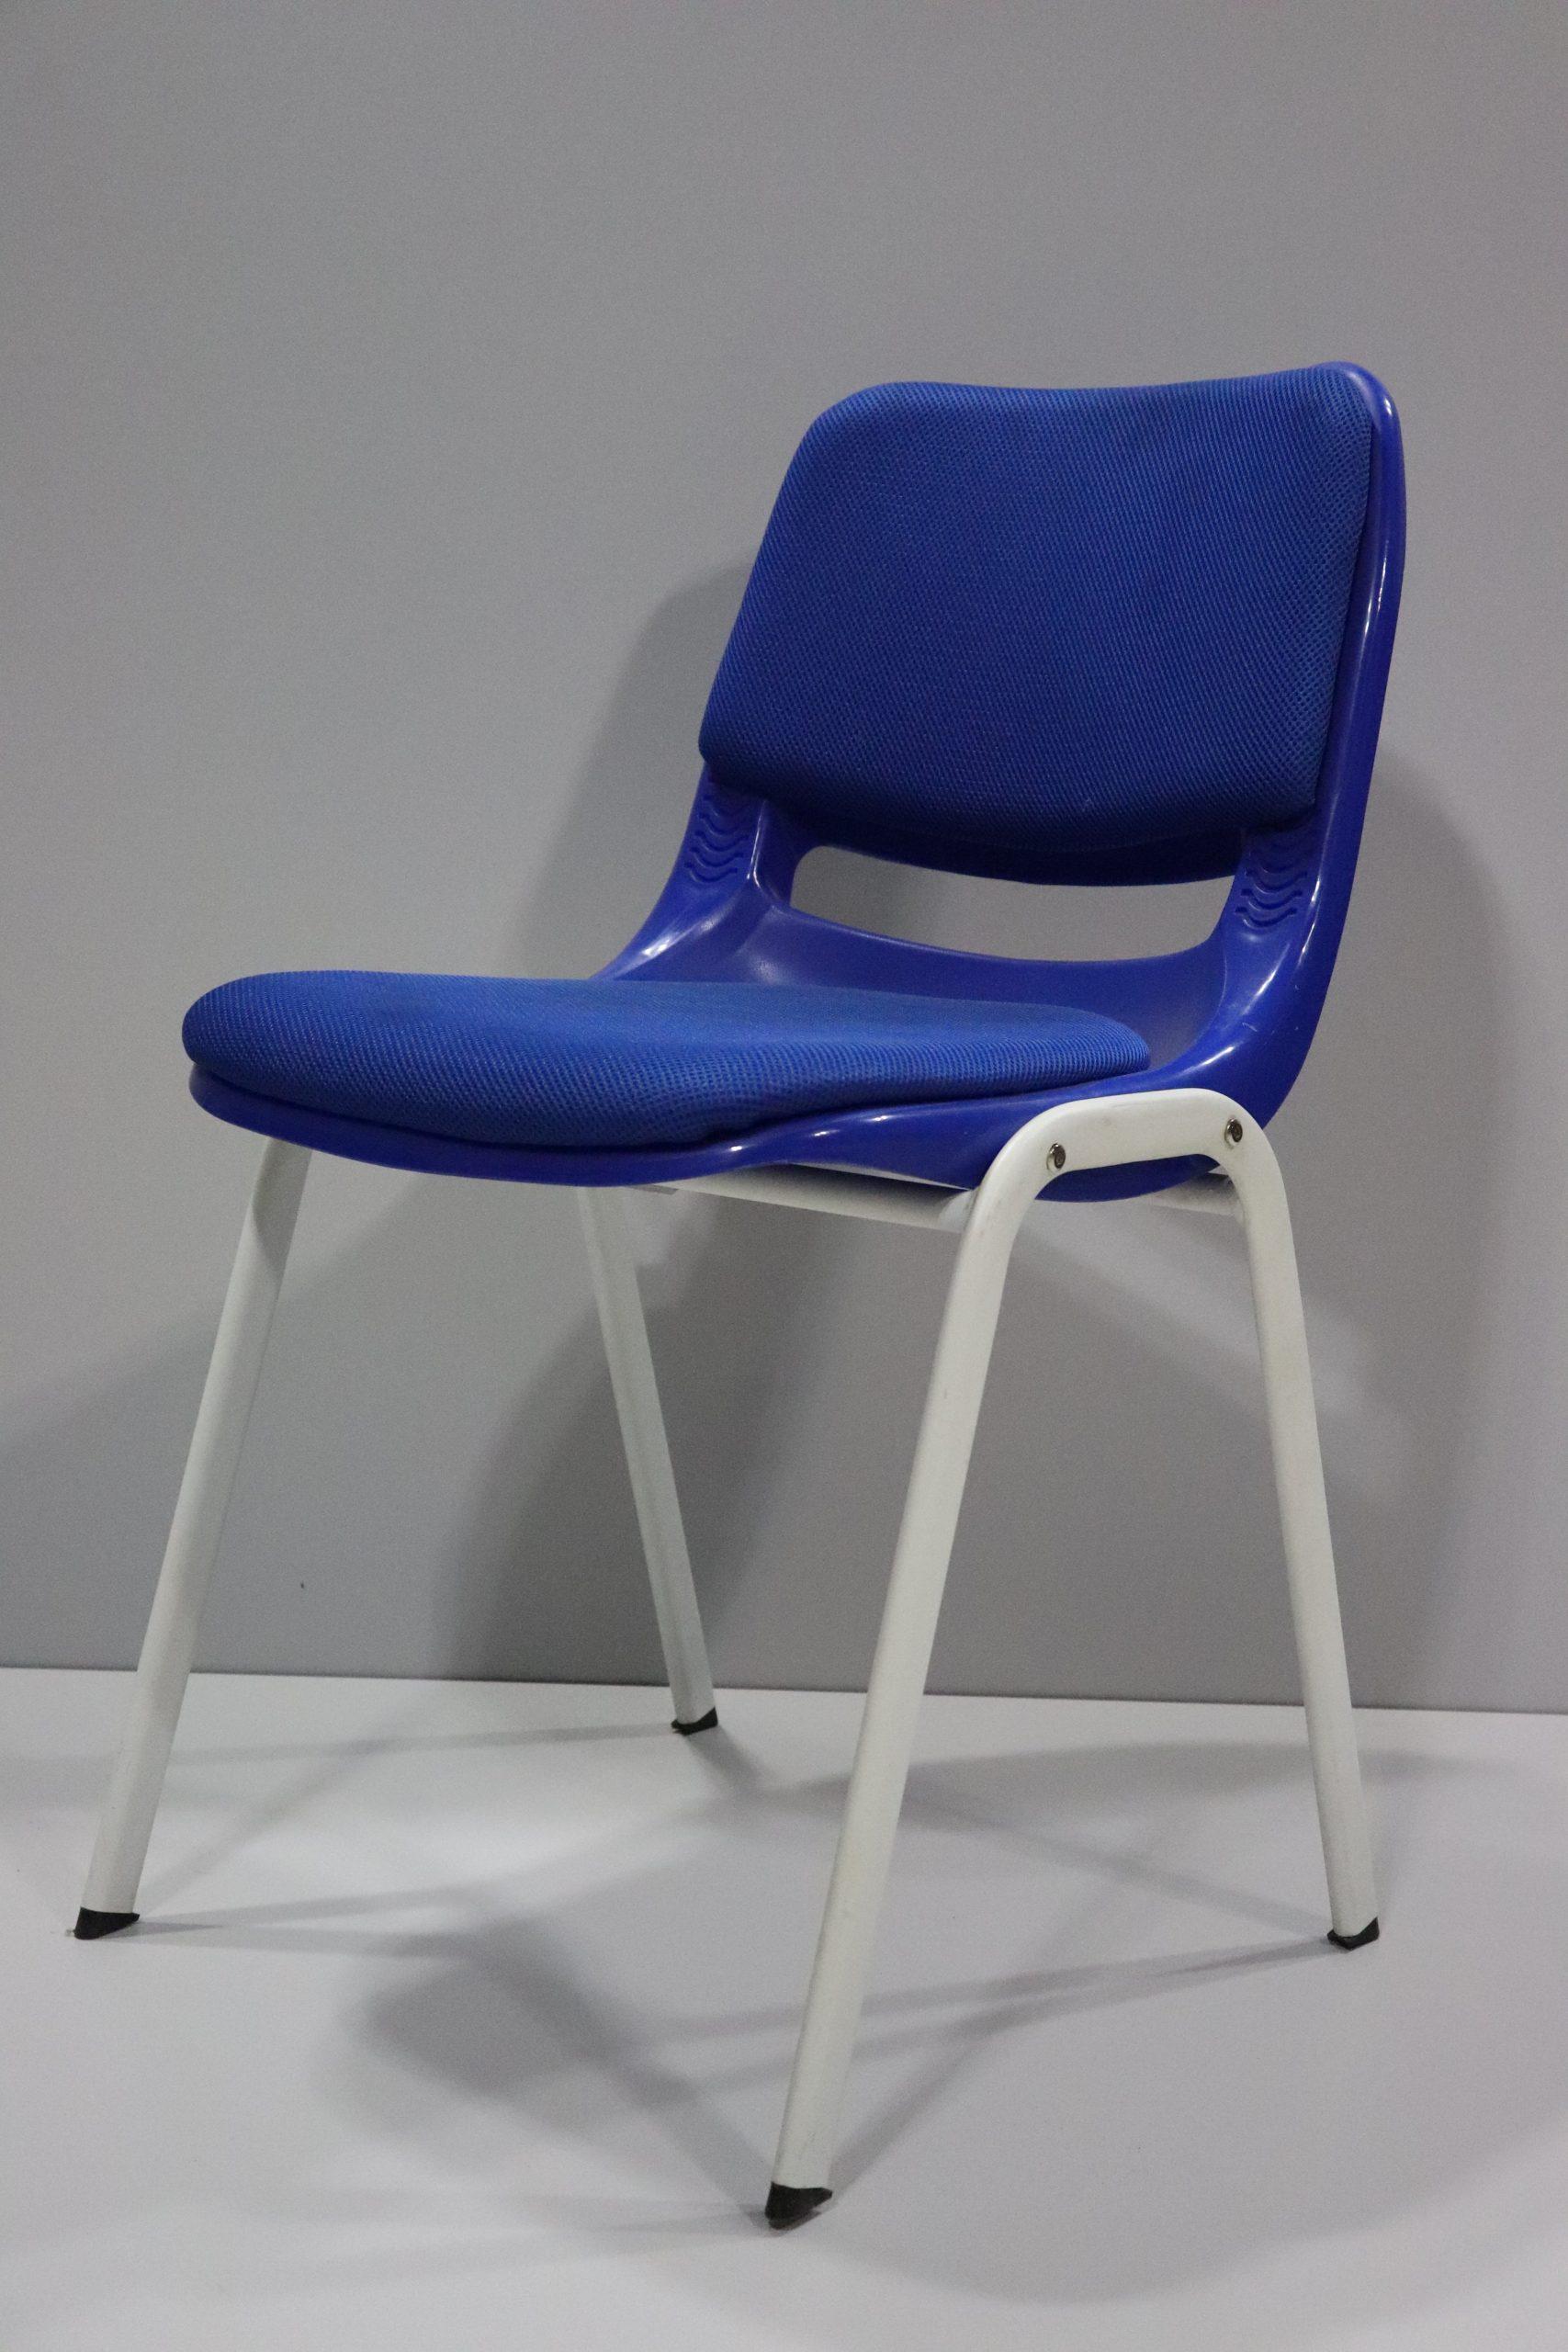 silla-de-oficina-azul